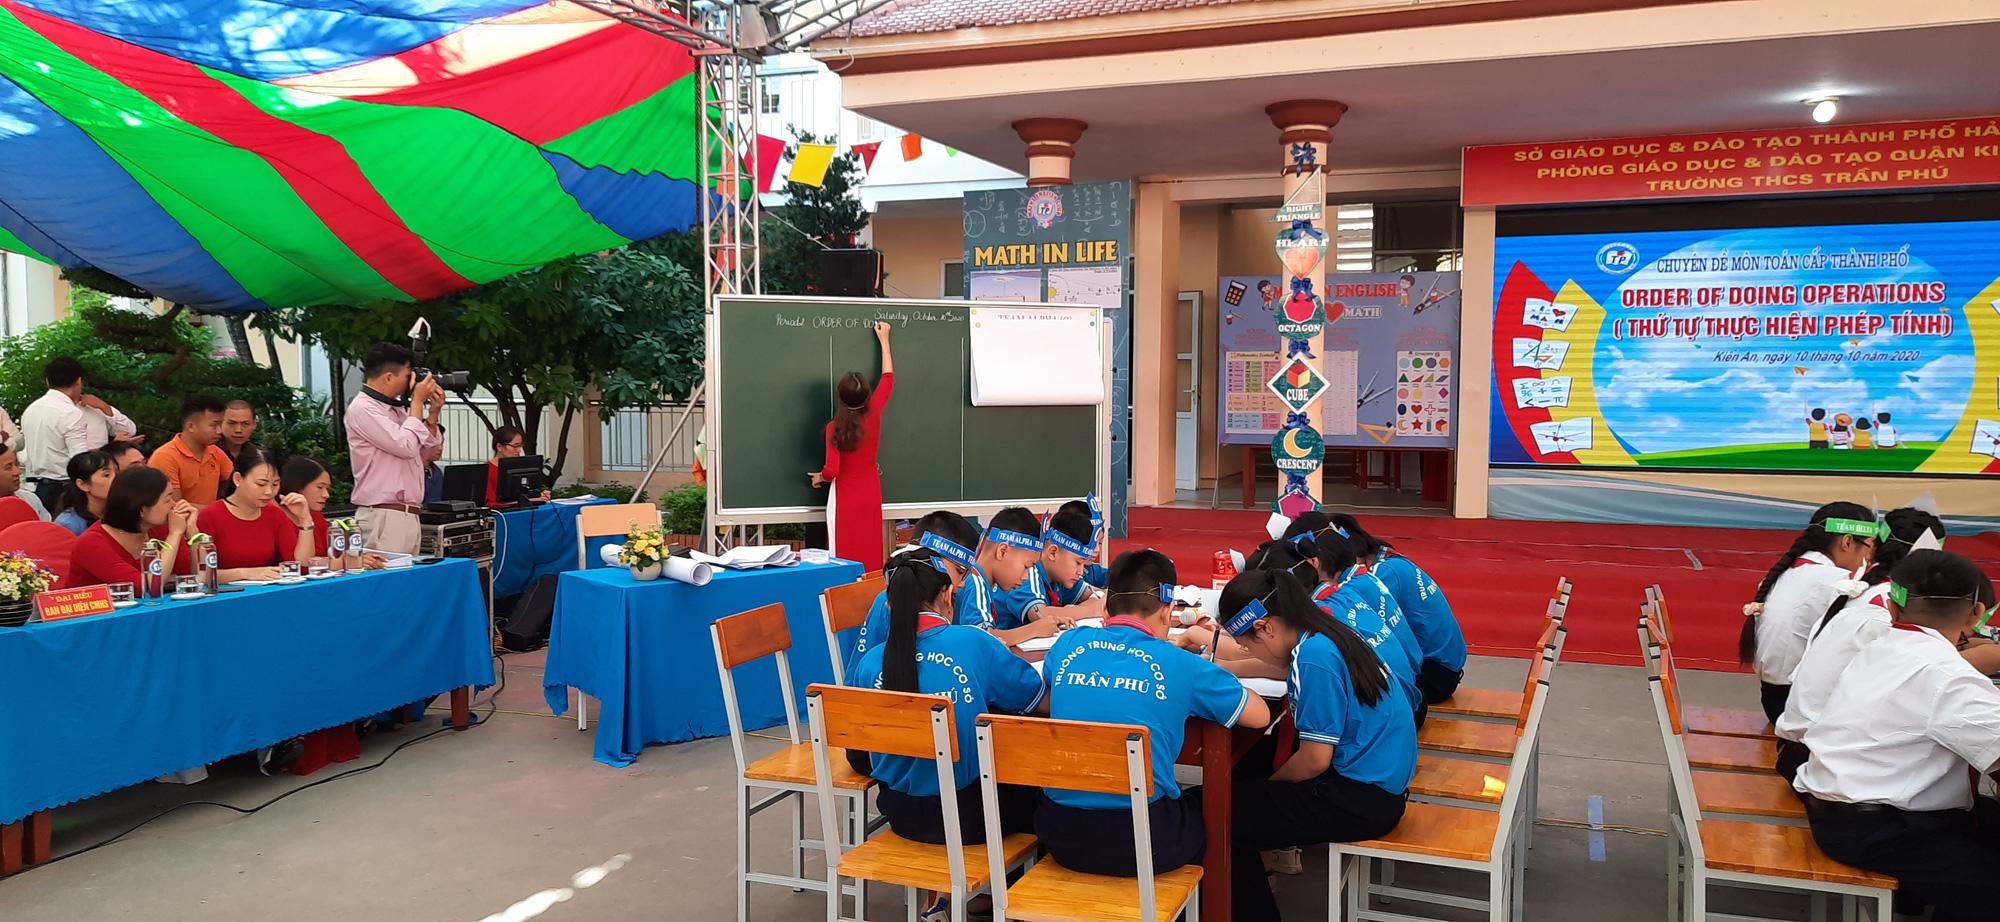 Hải Phòng: Tổ chức hội thảo chuyên đề dạy Toán bằng Tiếng Anh - Ảnh 5.